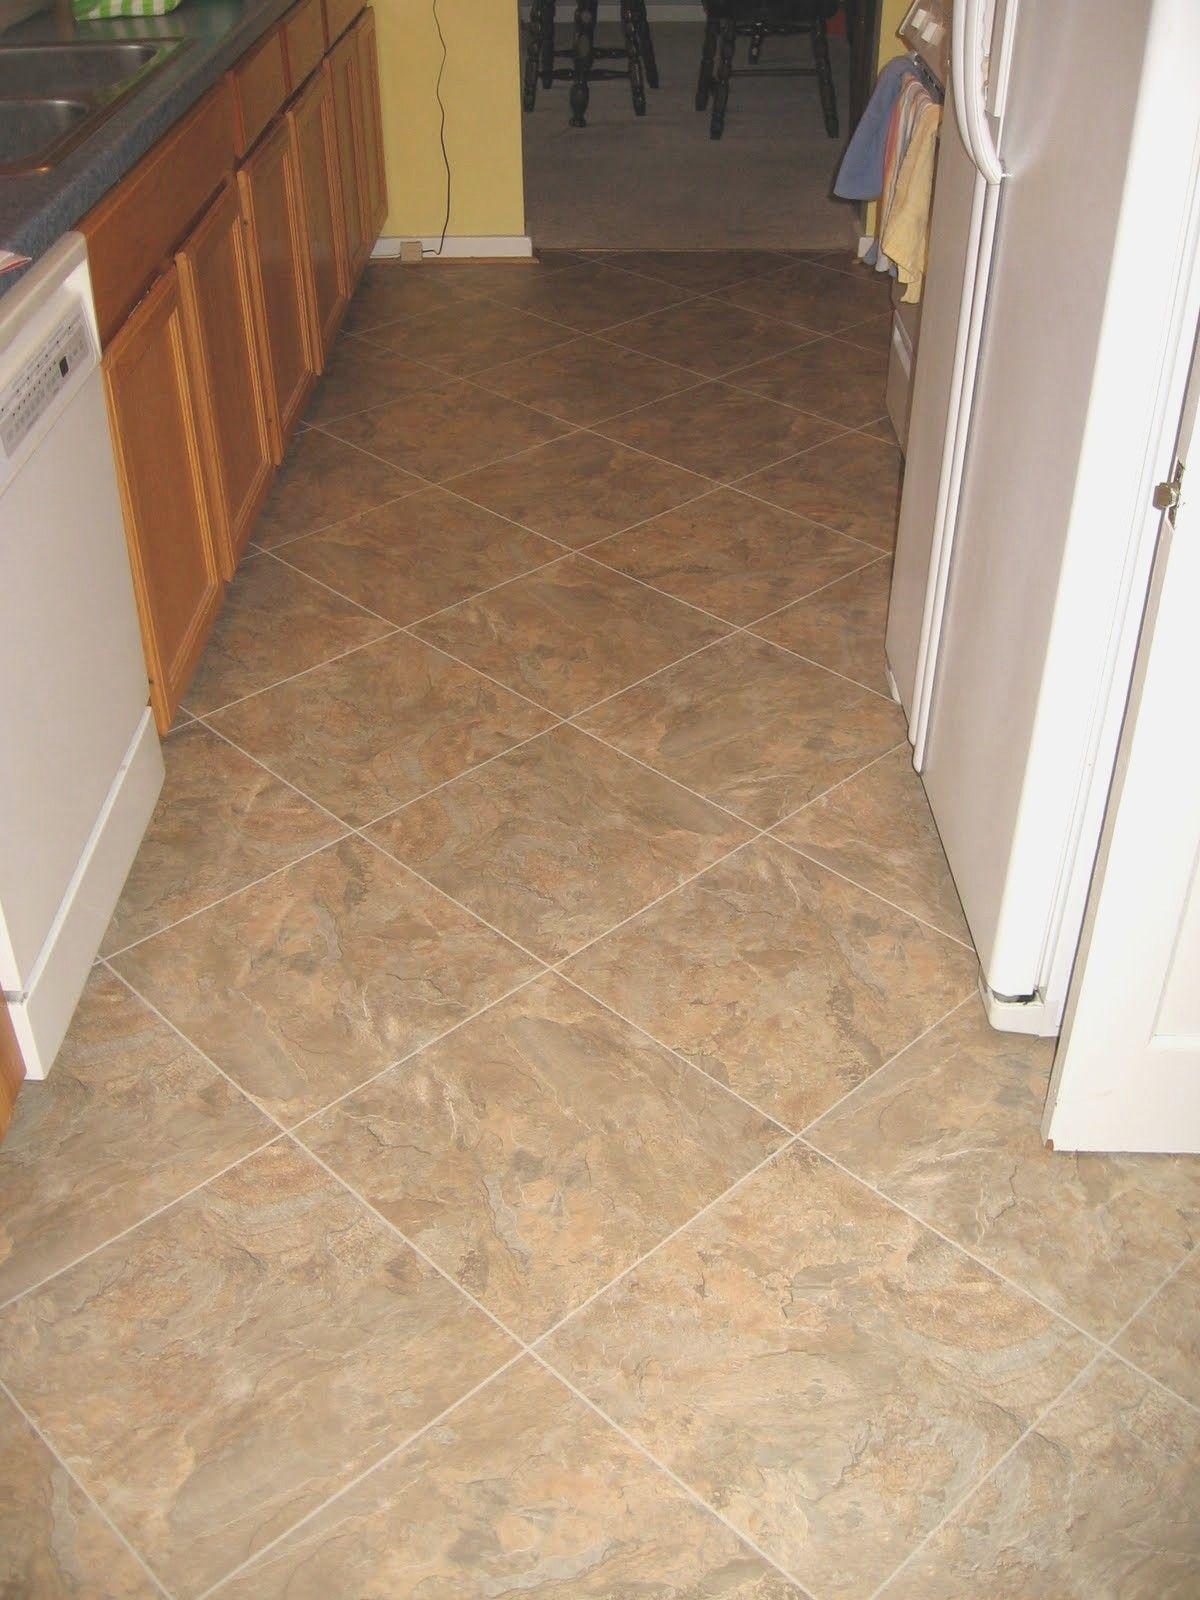 Home Depot Kitchen Floor Tile Home Depot Floor Tiles For Kitchen Home Depot Kitchen Ceramic Floor Tiles Ho Floor Tile Design Bathroom Floors Diy Tile Floor